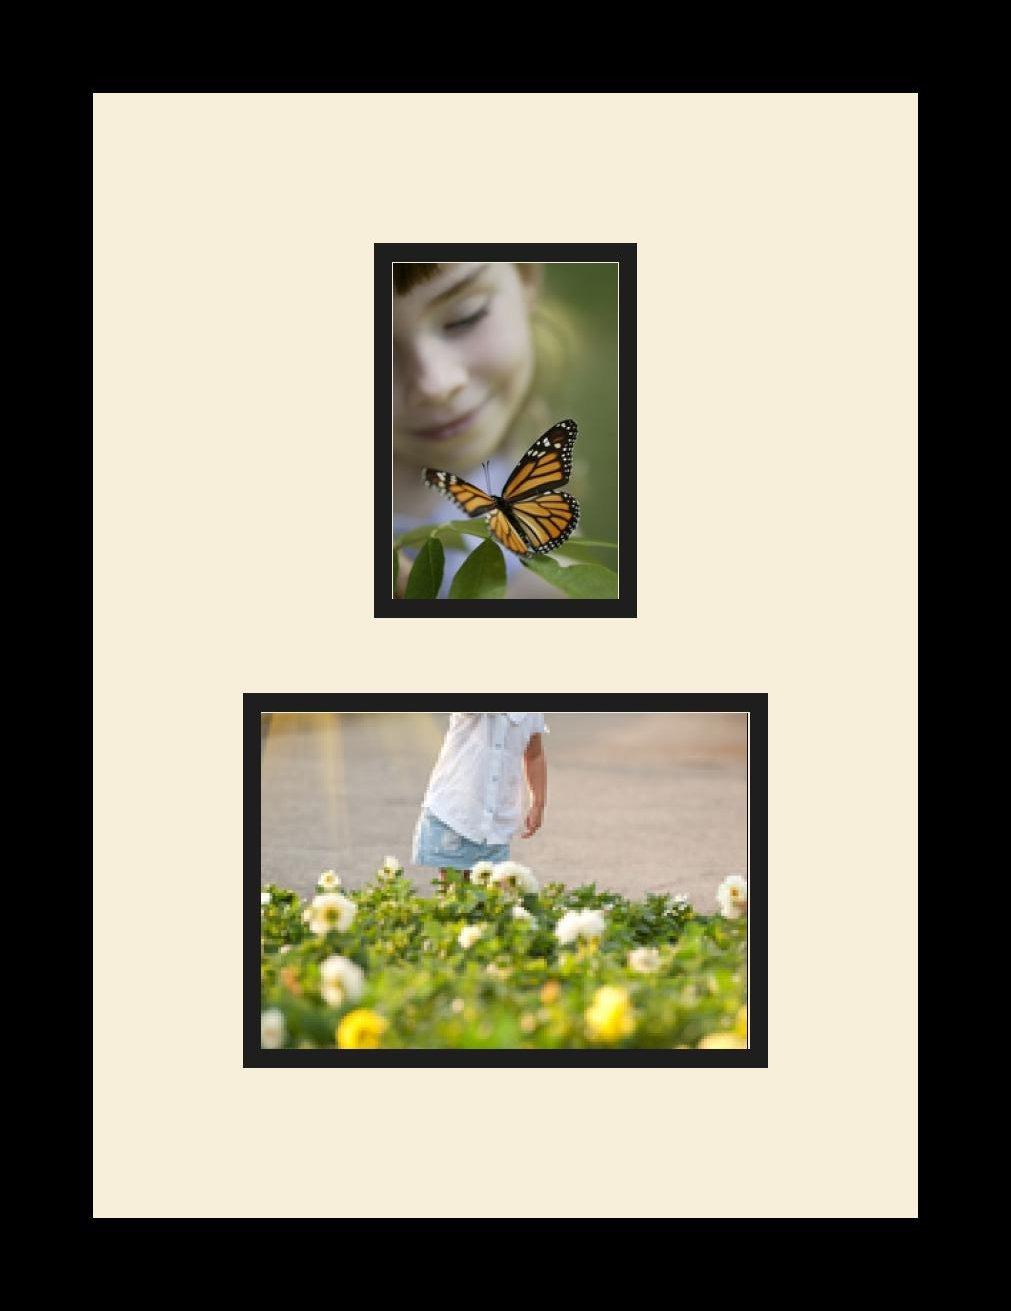 Großartig Bilderrahmen Mit öffnungen 3 5x7 Fotos ...